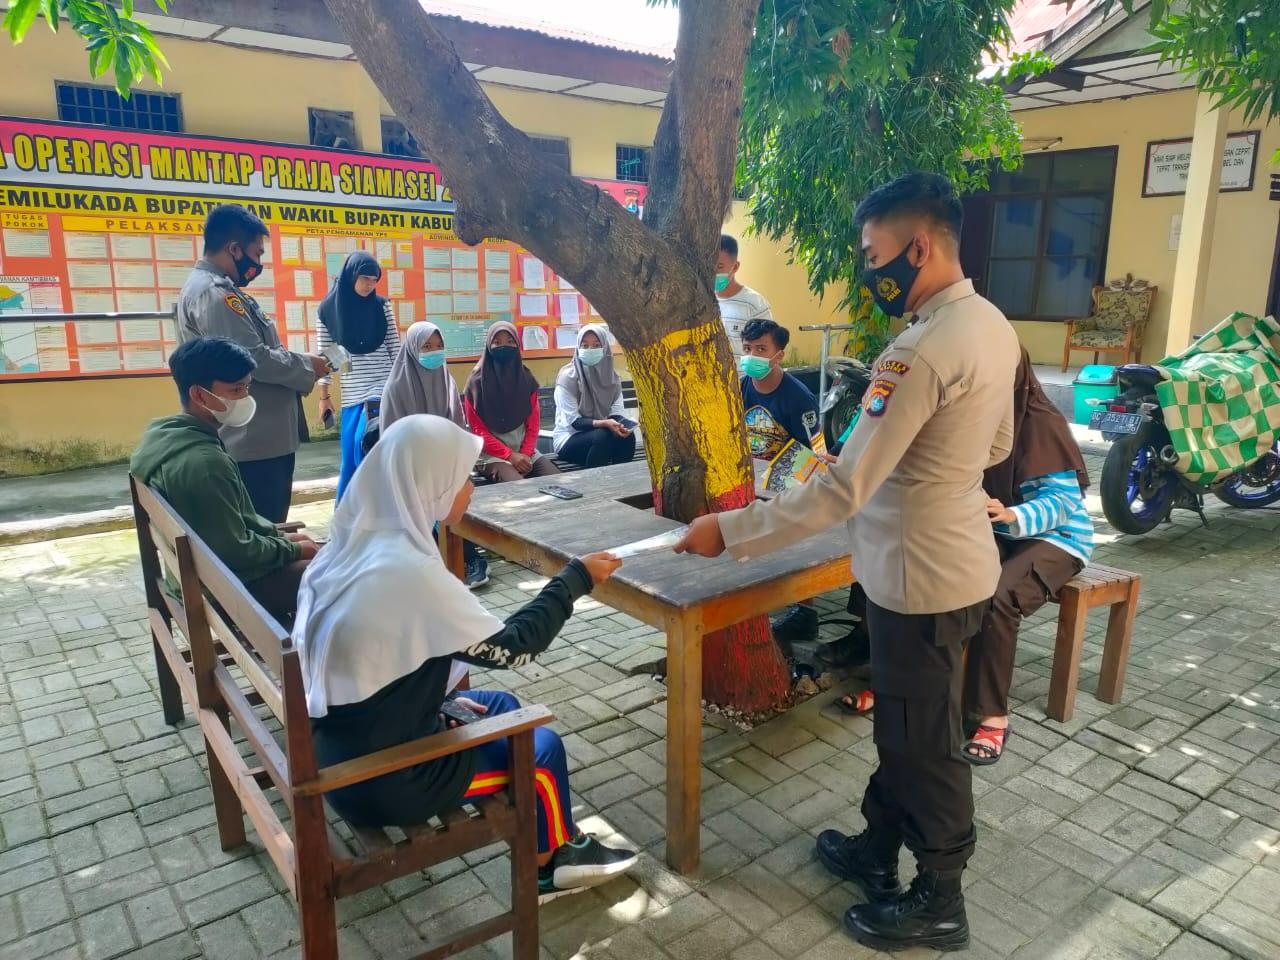 Jaring Minat Generasi Muda Lewat Sosialisasi